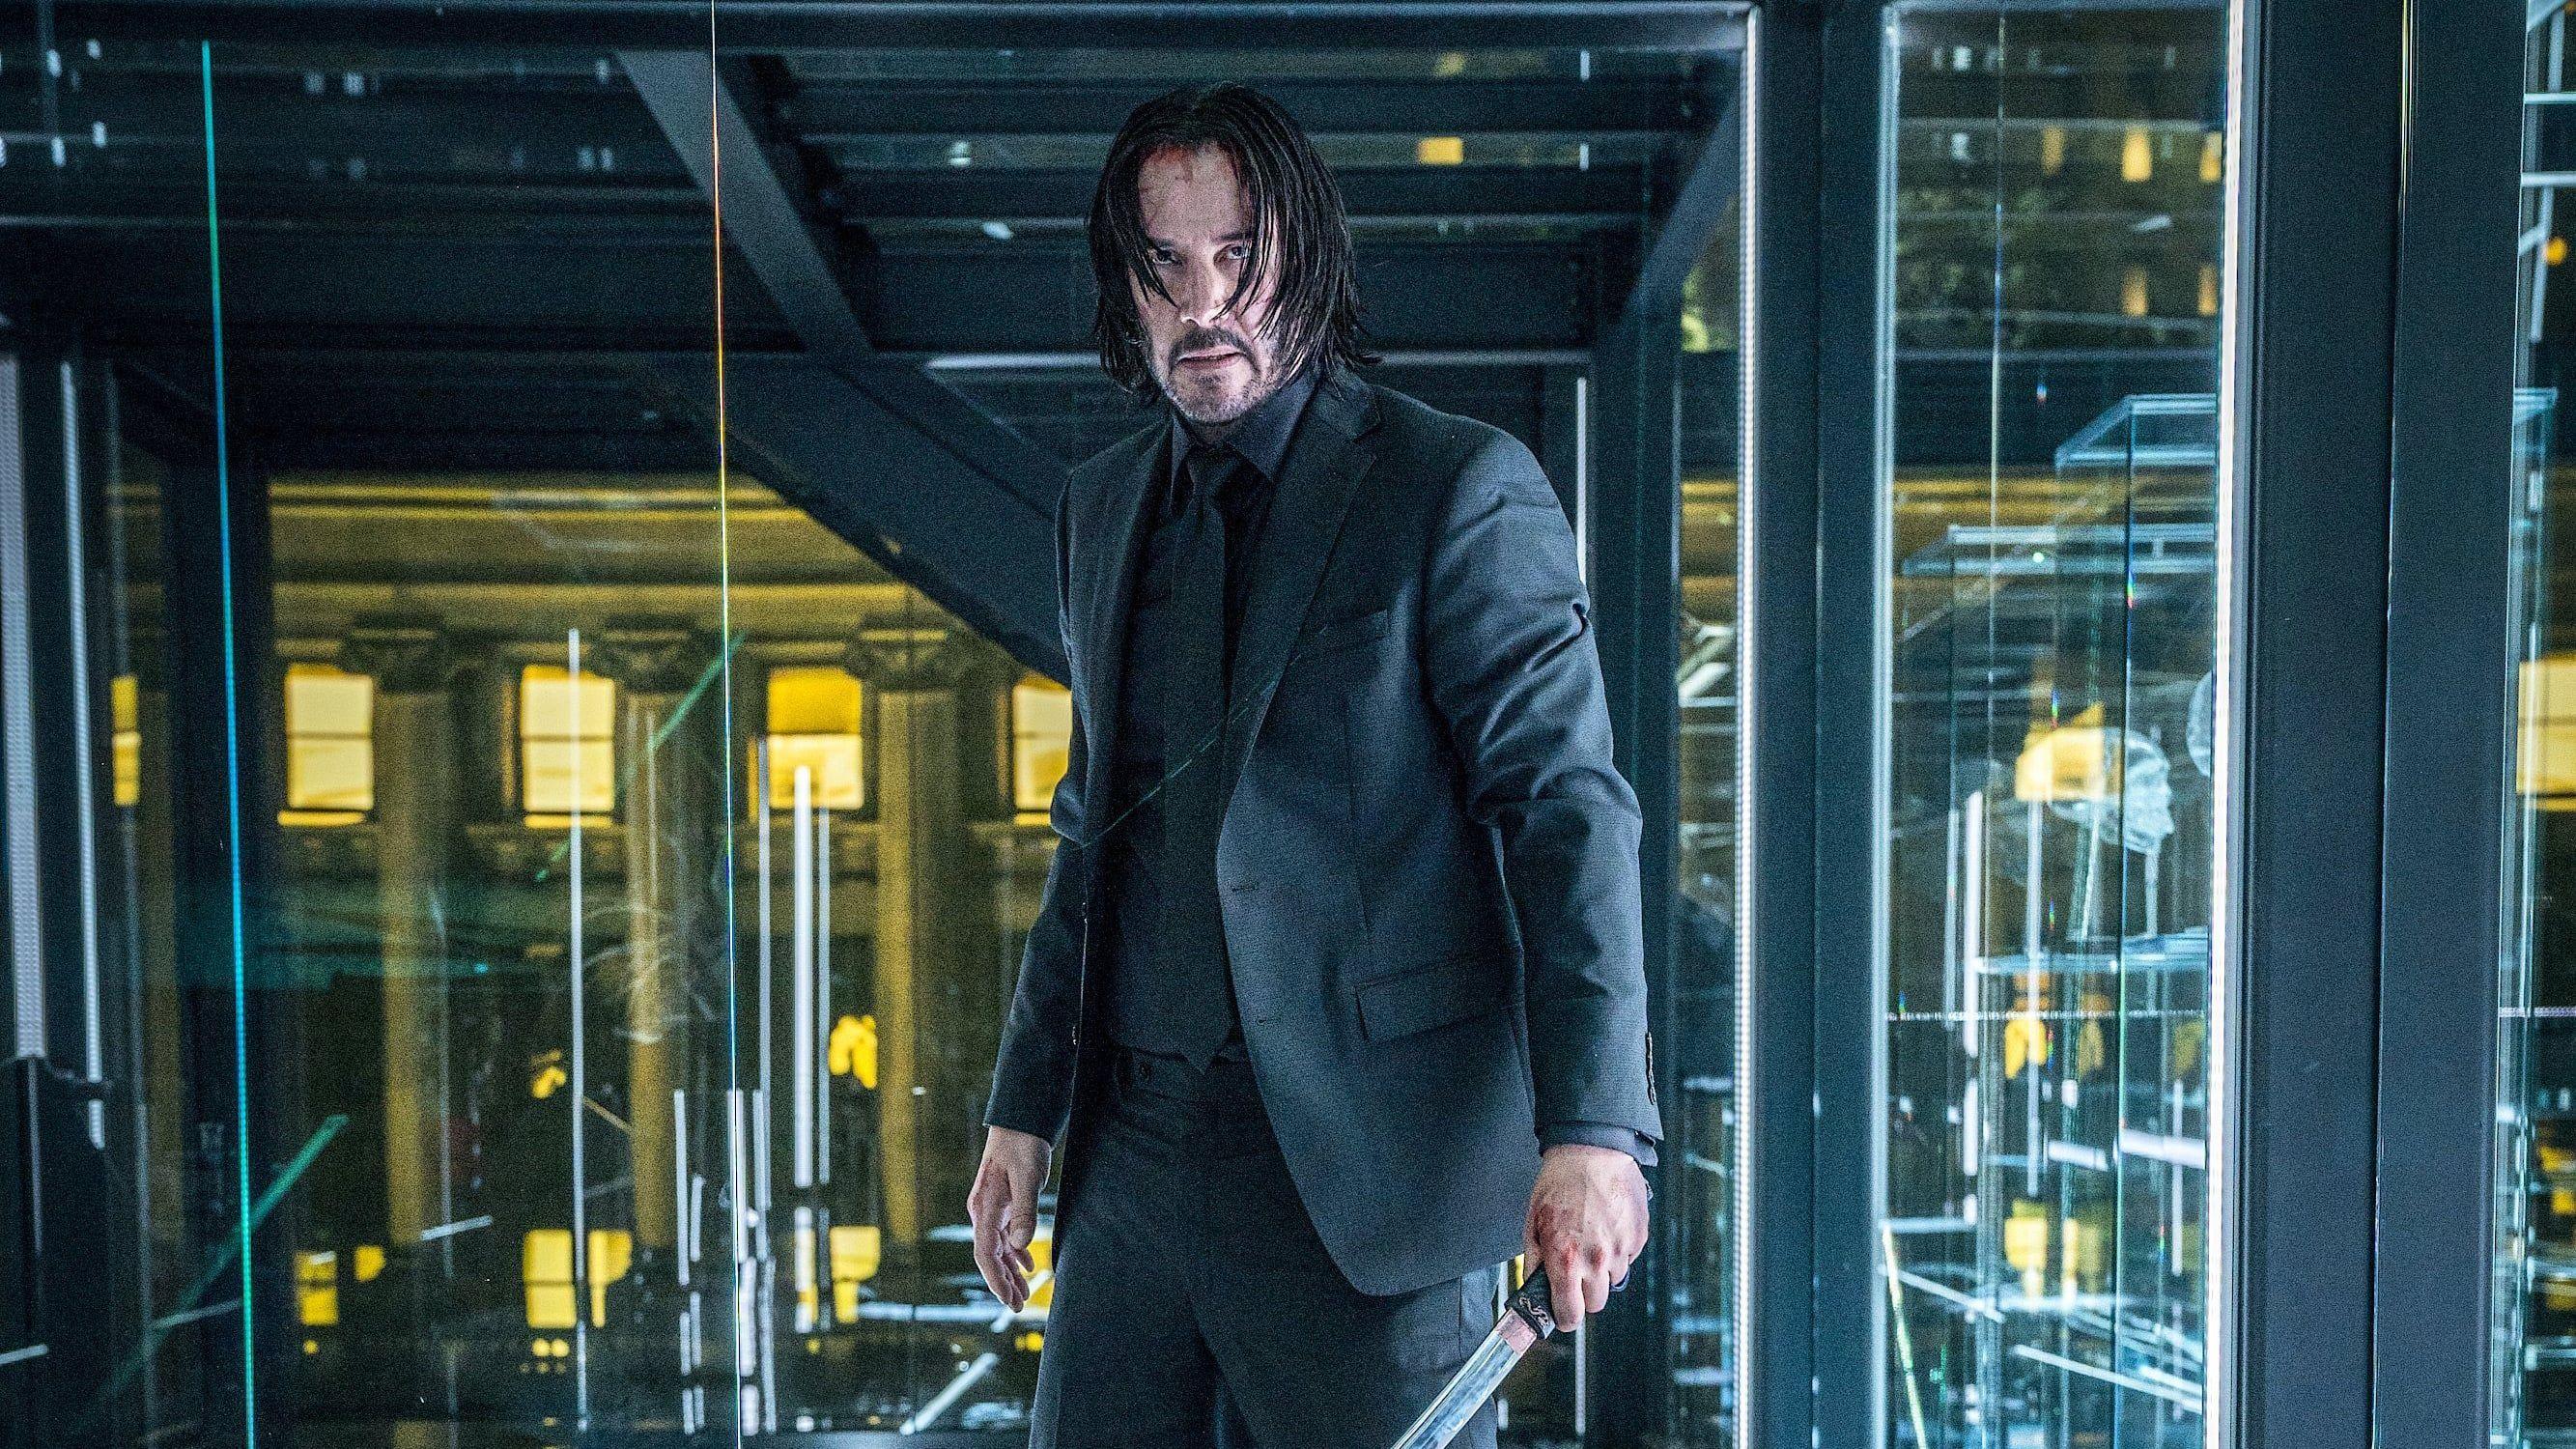 John Wick Keanu Reeves 4 5